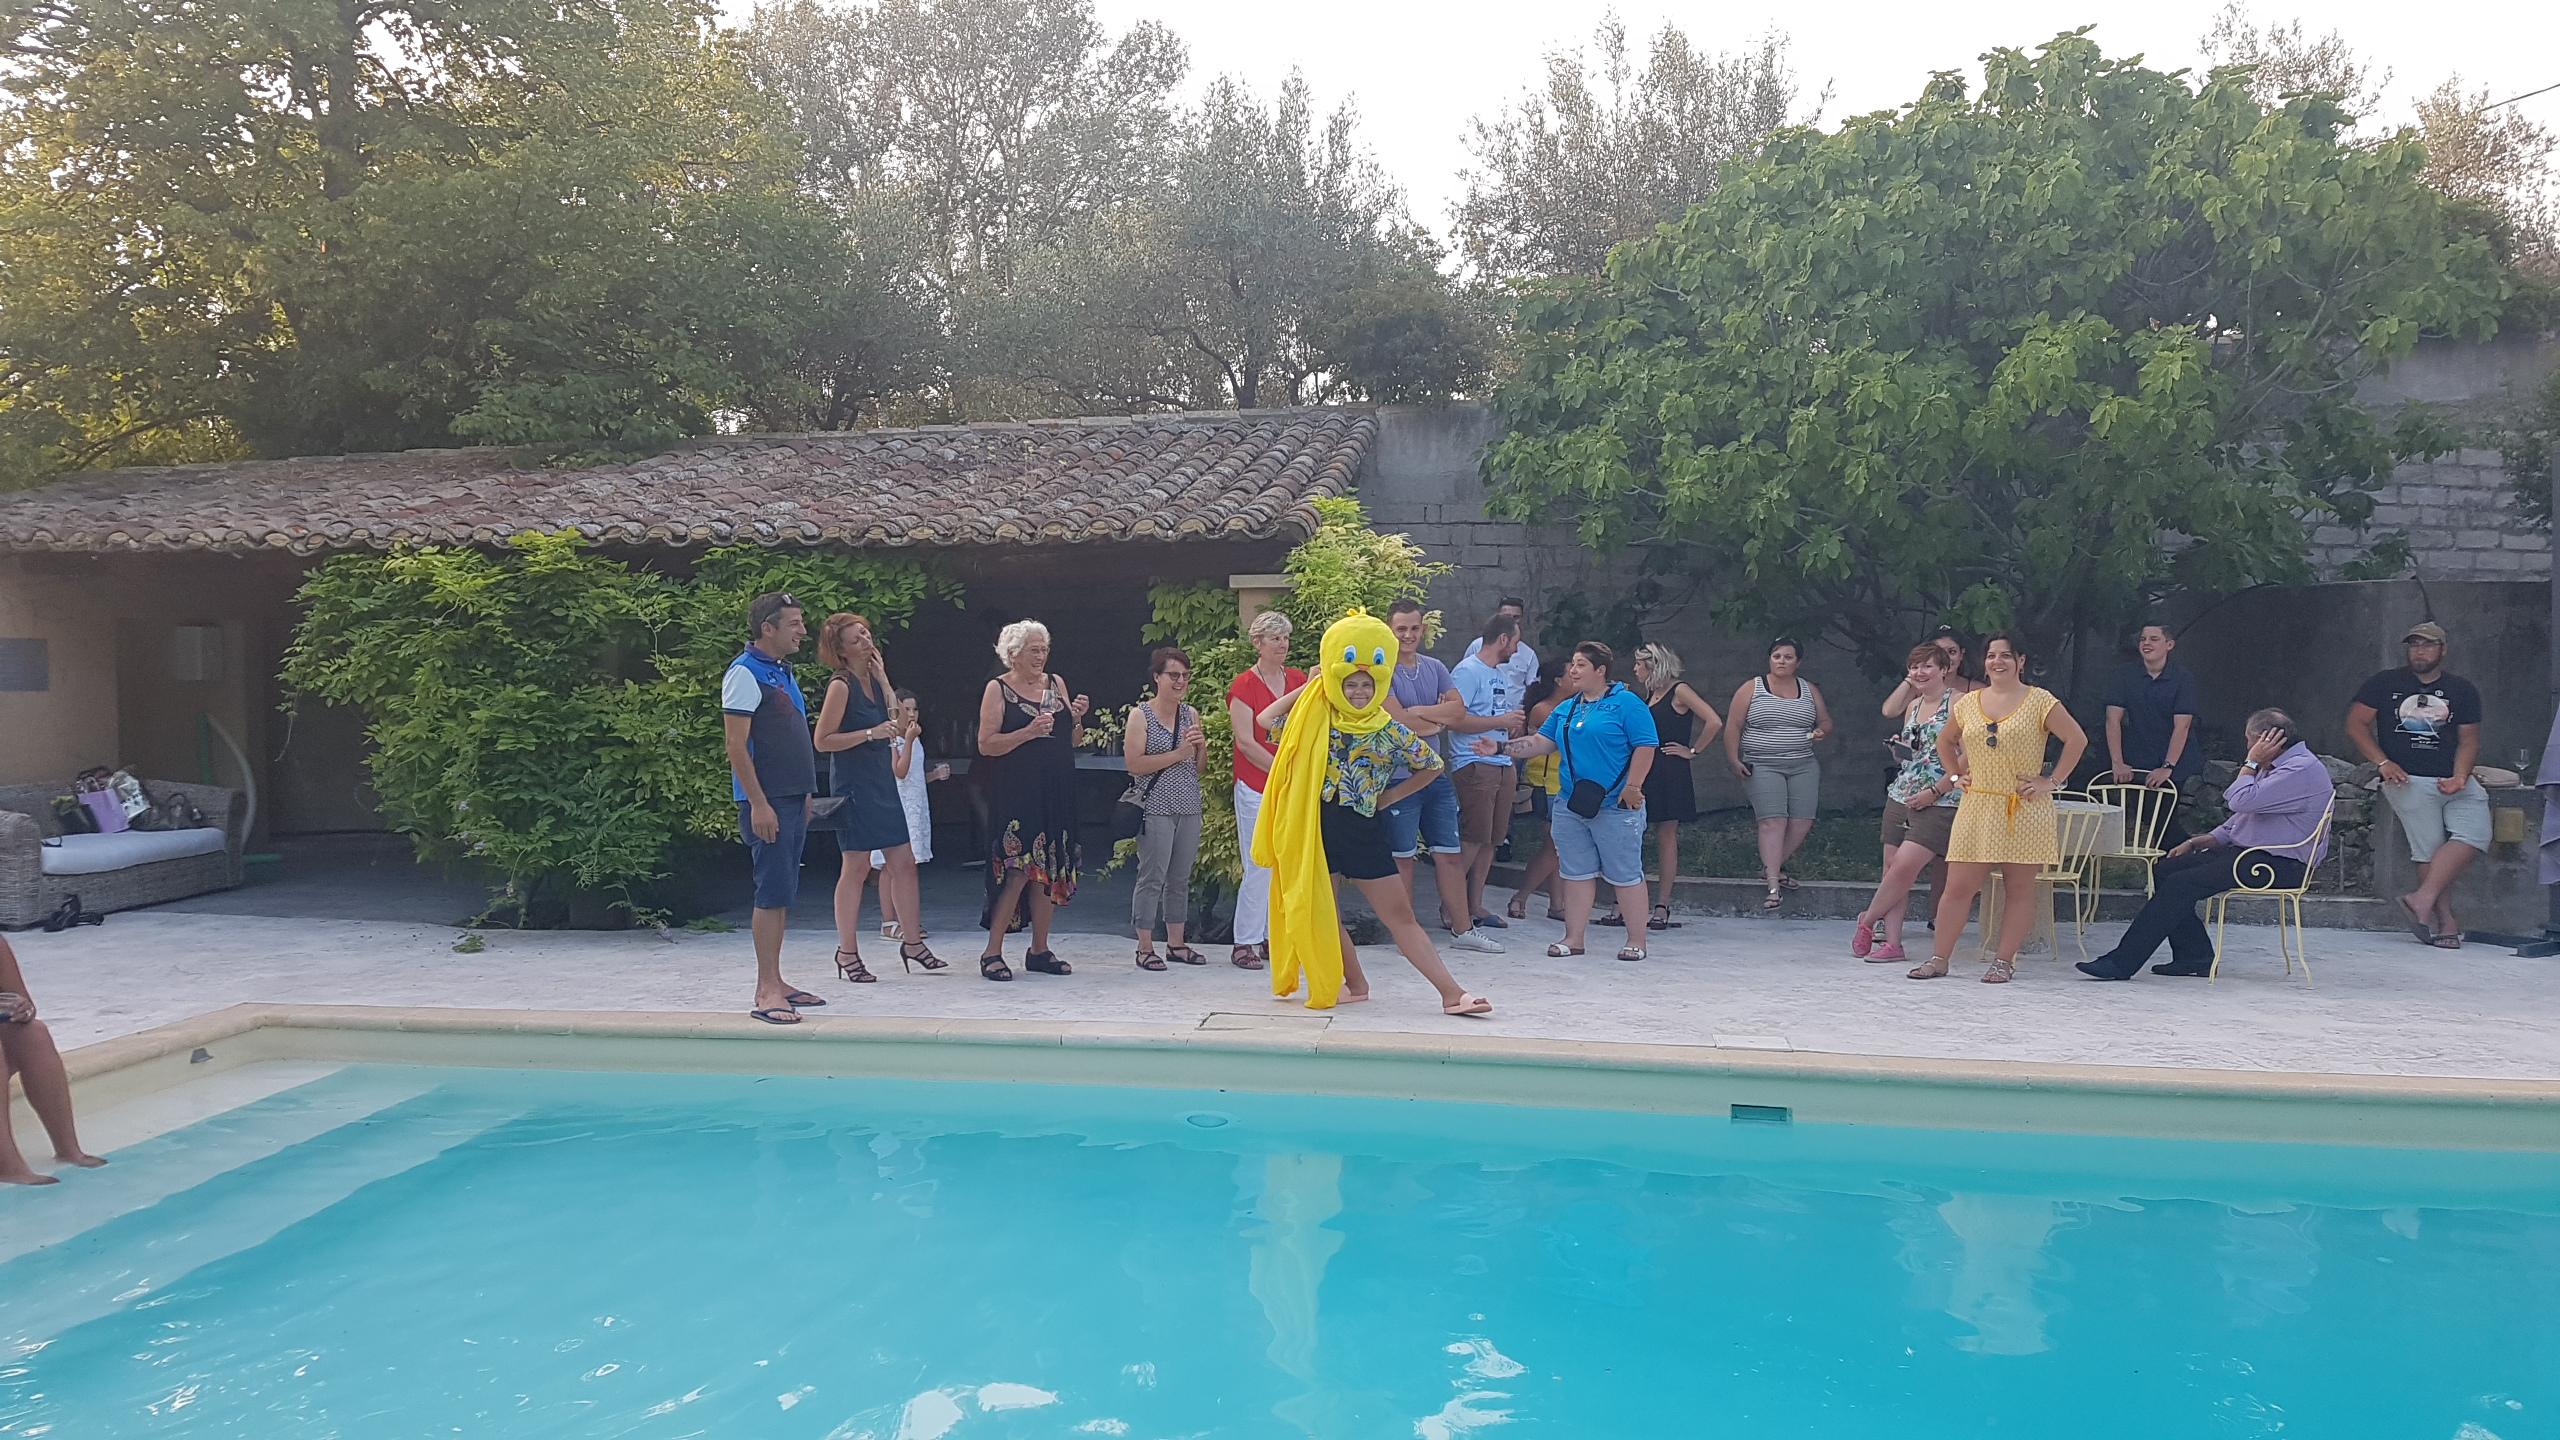 Noémie fête son BTS entourée de ses collègues et amis au Domaine de Cabasse!